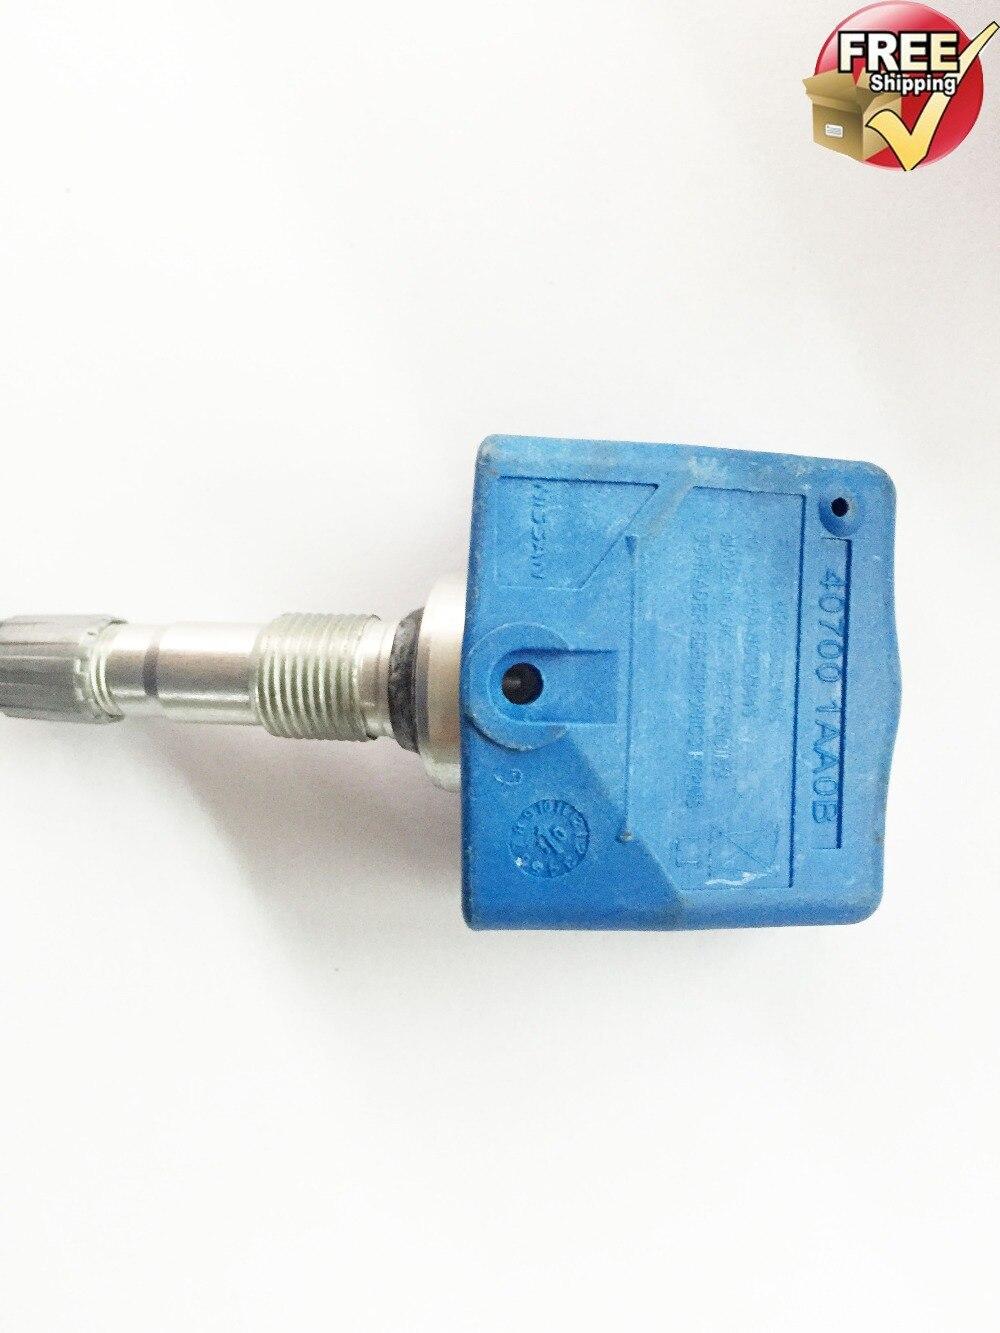 oem Tire Pressure Sensors font b tpms b font sensor font b TPMS b font SENSOR